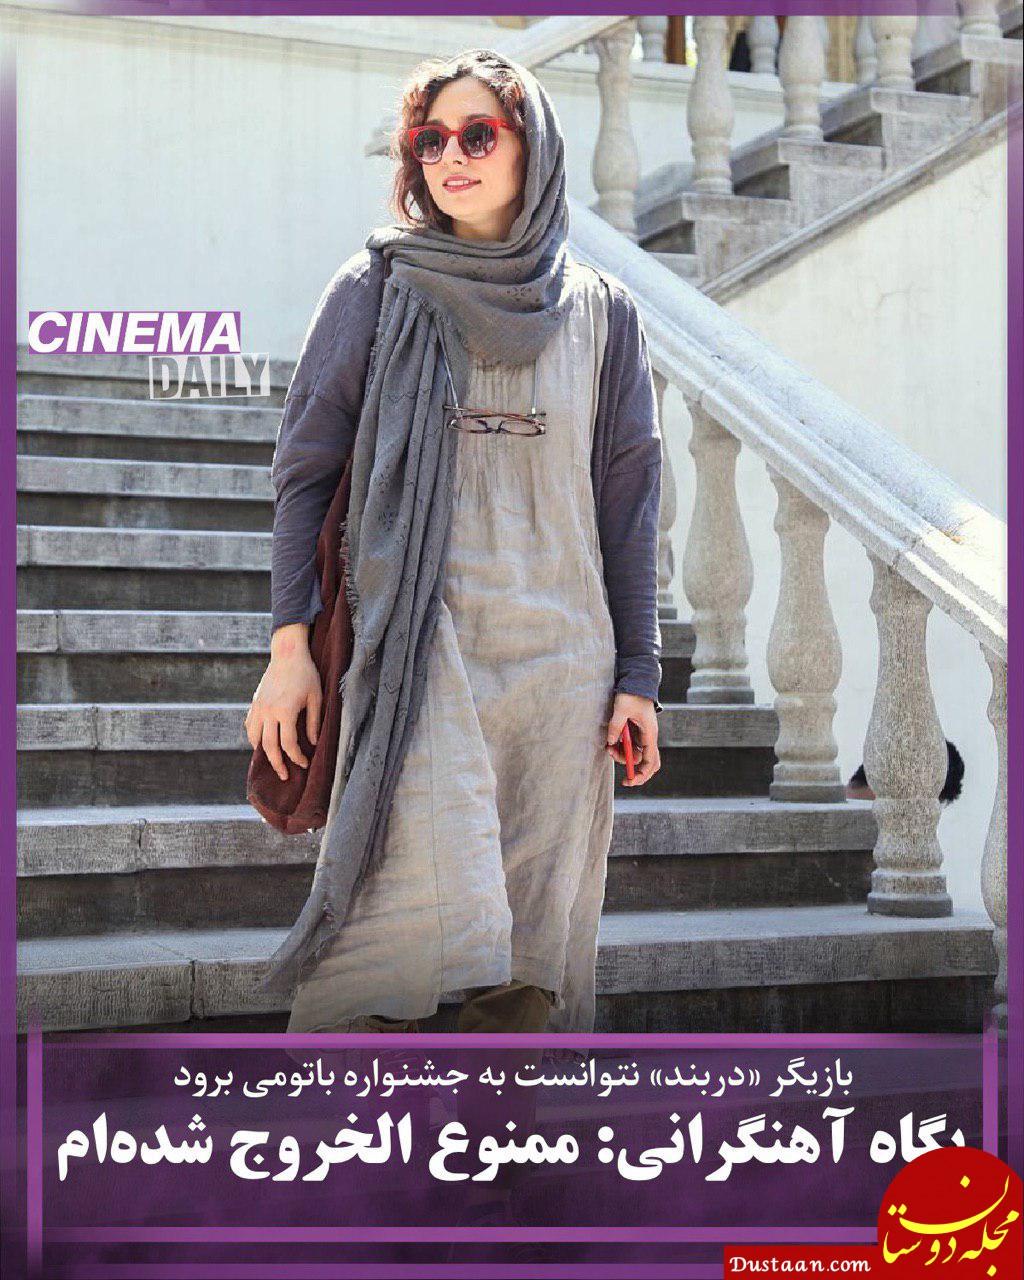 www.dustaan.com پگاه آهنگرانی از ممنوع الخروجی خود خبر داد!